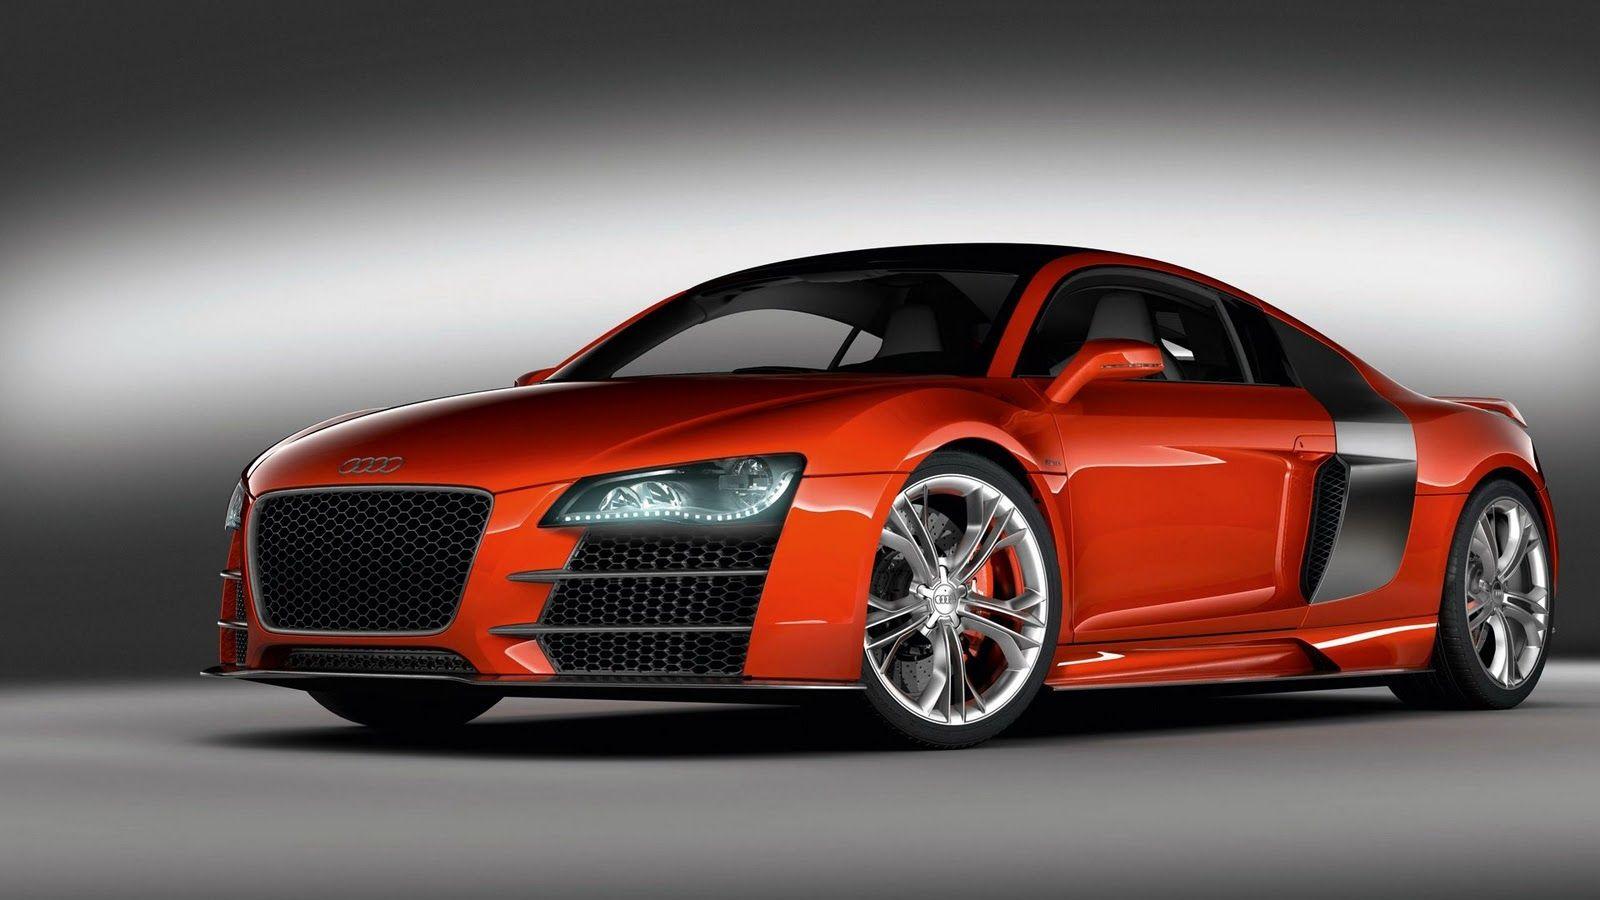 20 Hd Car Wallpapers 1080p Carwallpaperfx Com Audi R8 Audi Mobil